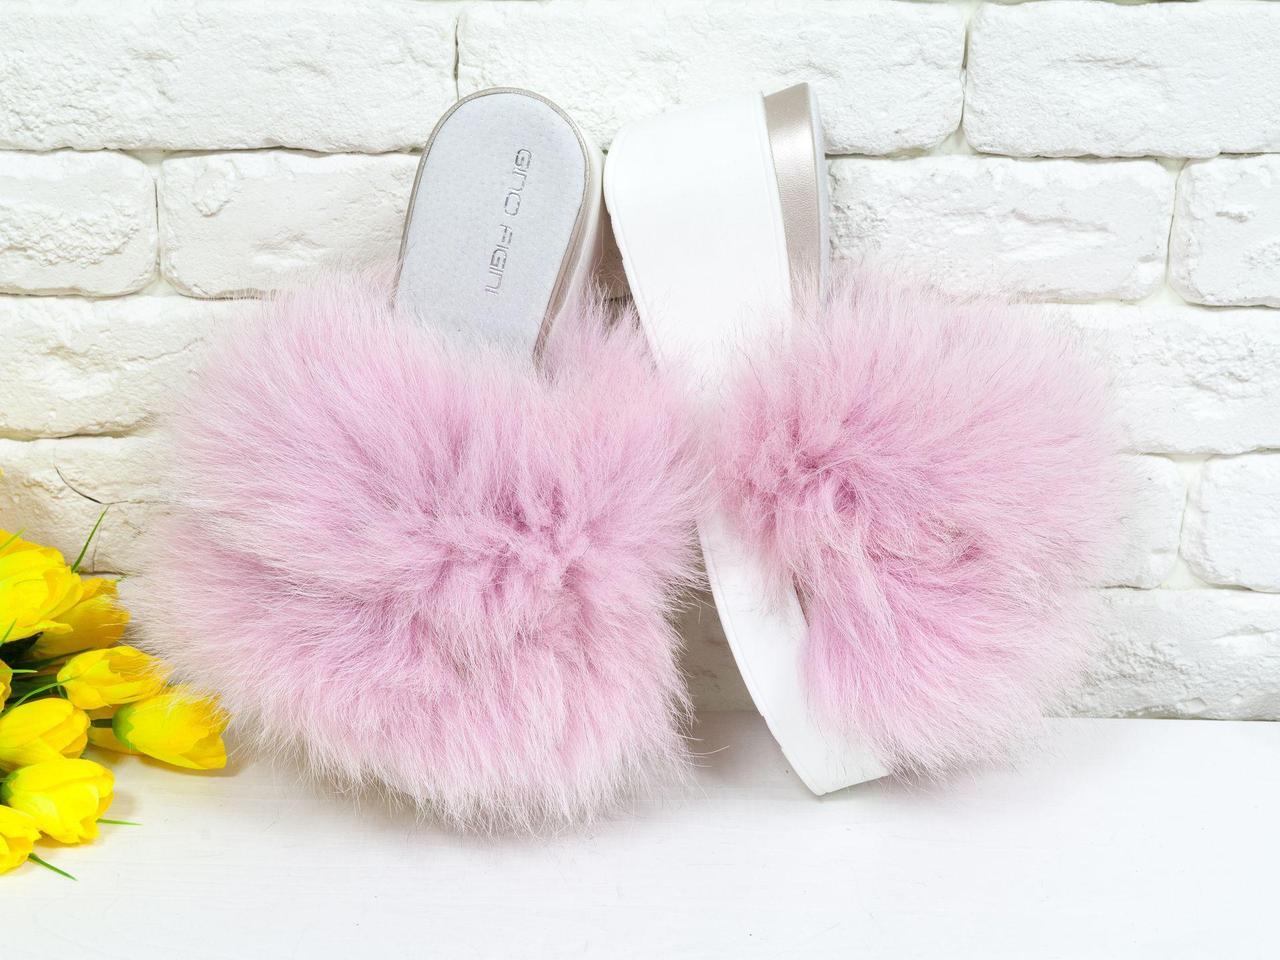 Меховые шлепанцы из натуральной кожи с пушистым мехом песца нежно розового цвета на удобной платформе белого цвета,  С-560/5-01